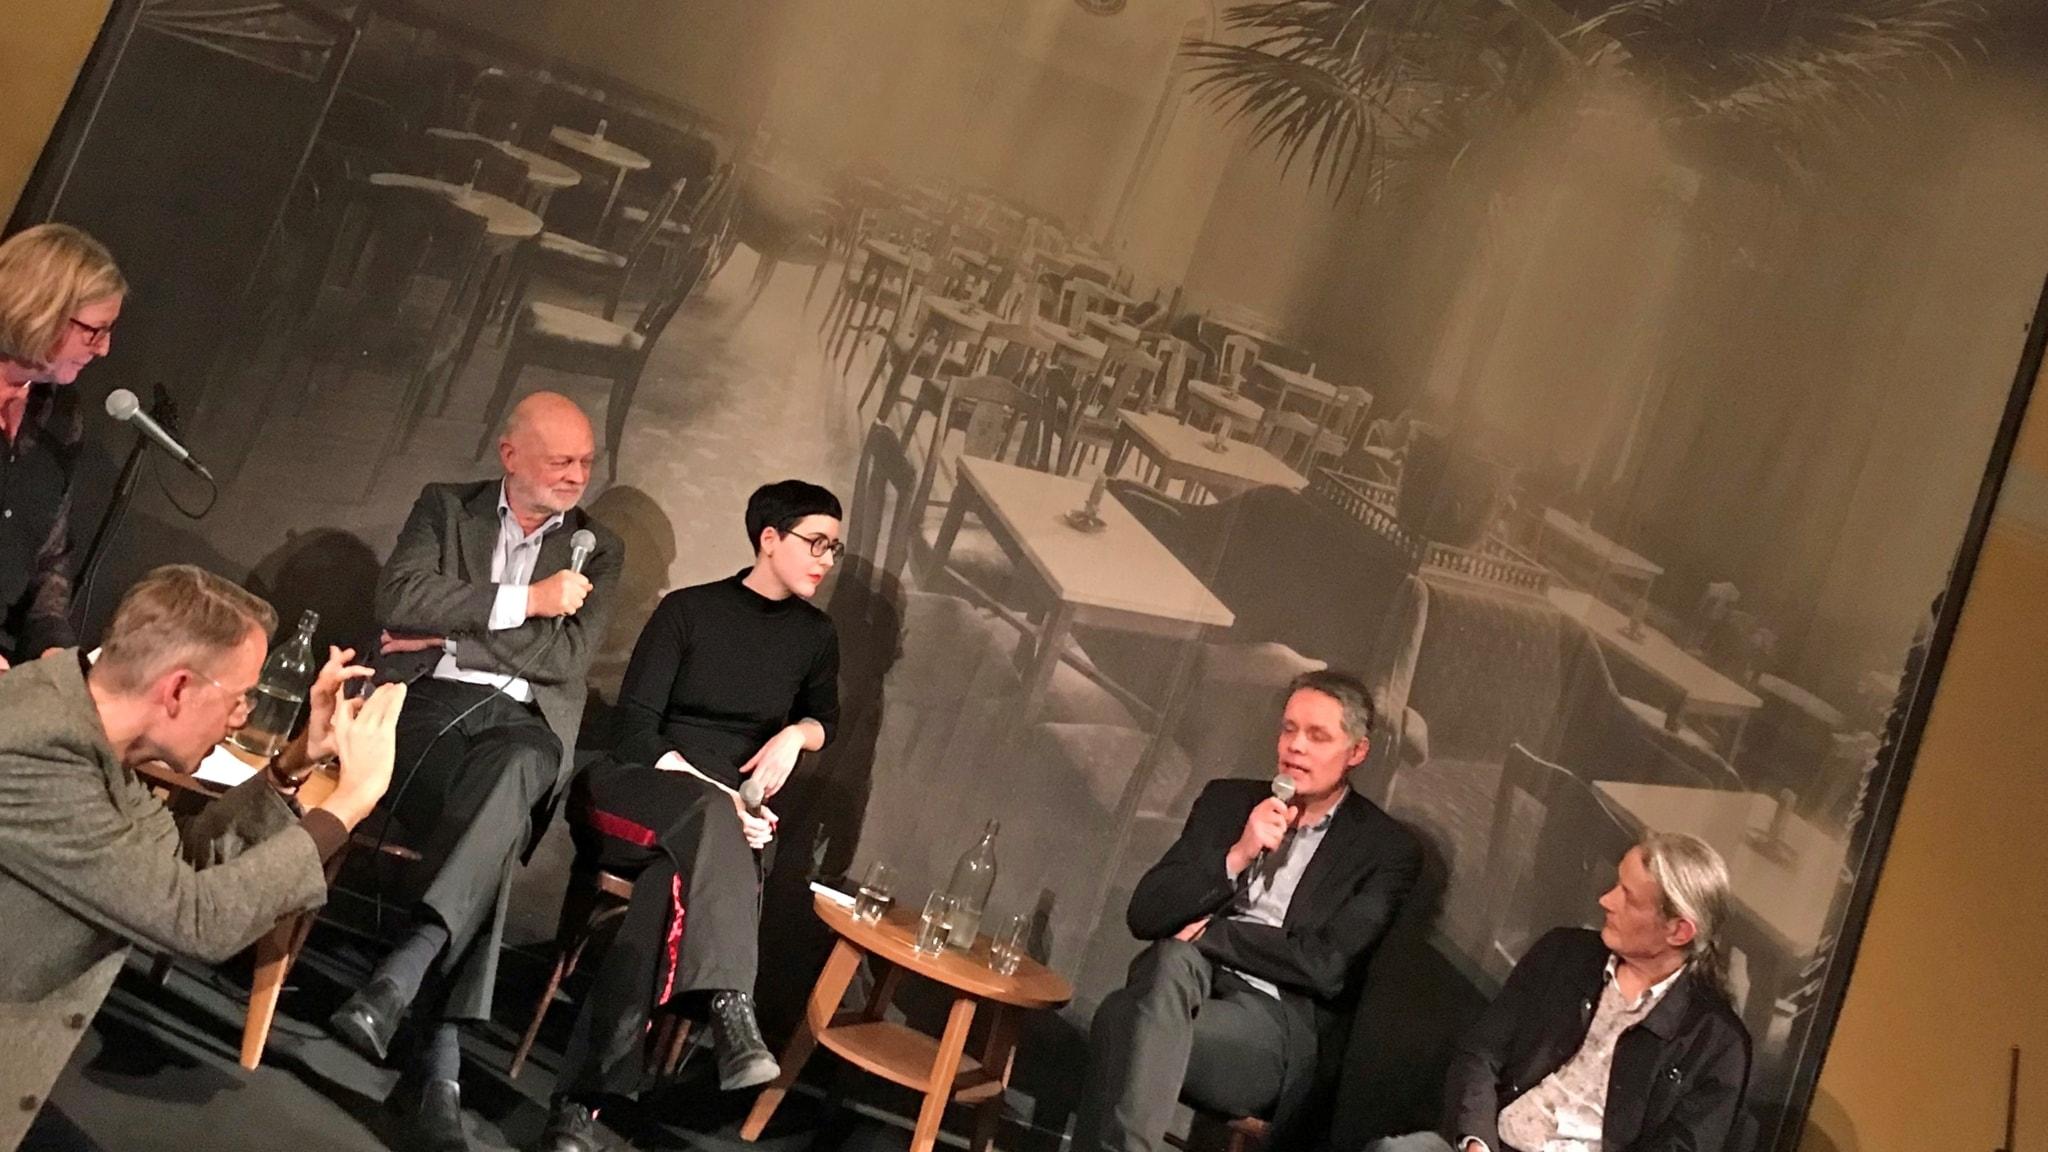 På scen: Tithi Hahn, Lars-Göran Johansson, Karin Tidbeck, Ulf Danielsson och Lars Rudolfsson